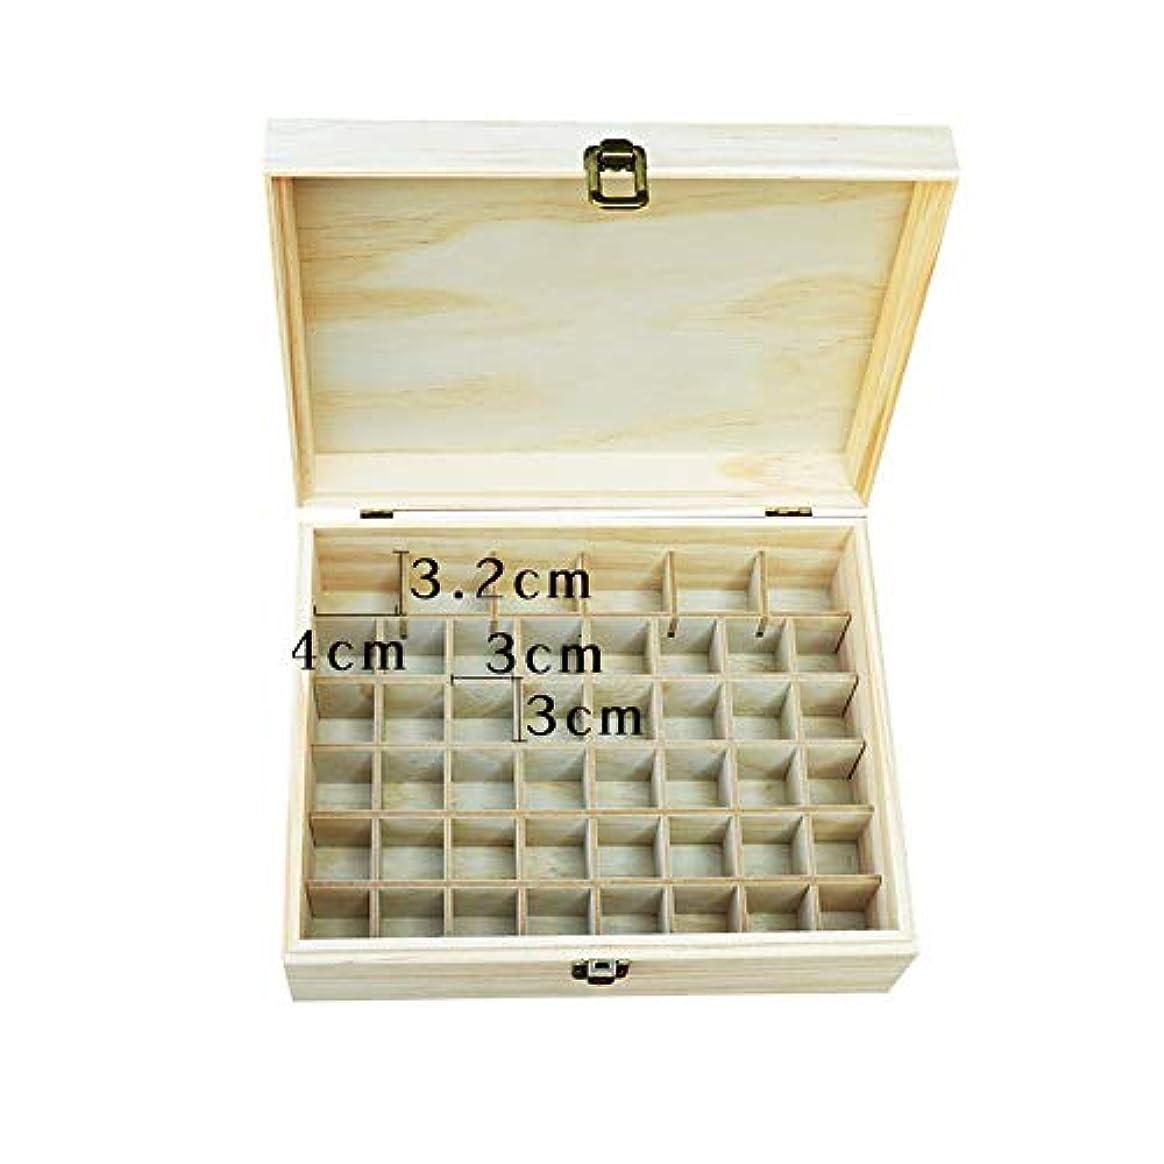 バンパリティなぜエッセンシャルオイル収納ボックス 大46ボトル木製のエッセンシャルオイルストレージボックス (色 : Natural, サイズ : 22.2X10.2X8.2CM)